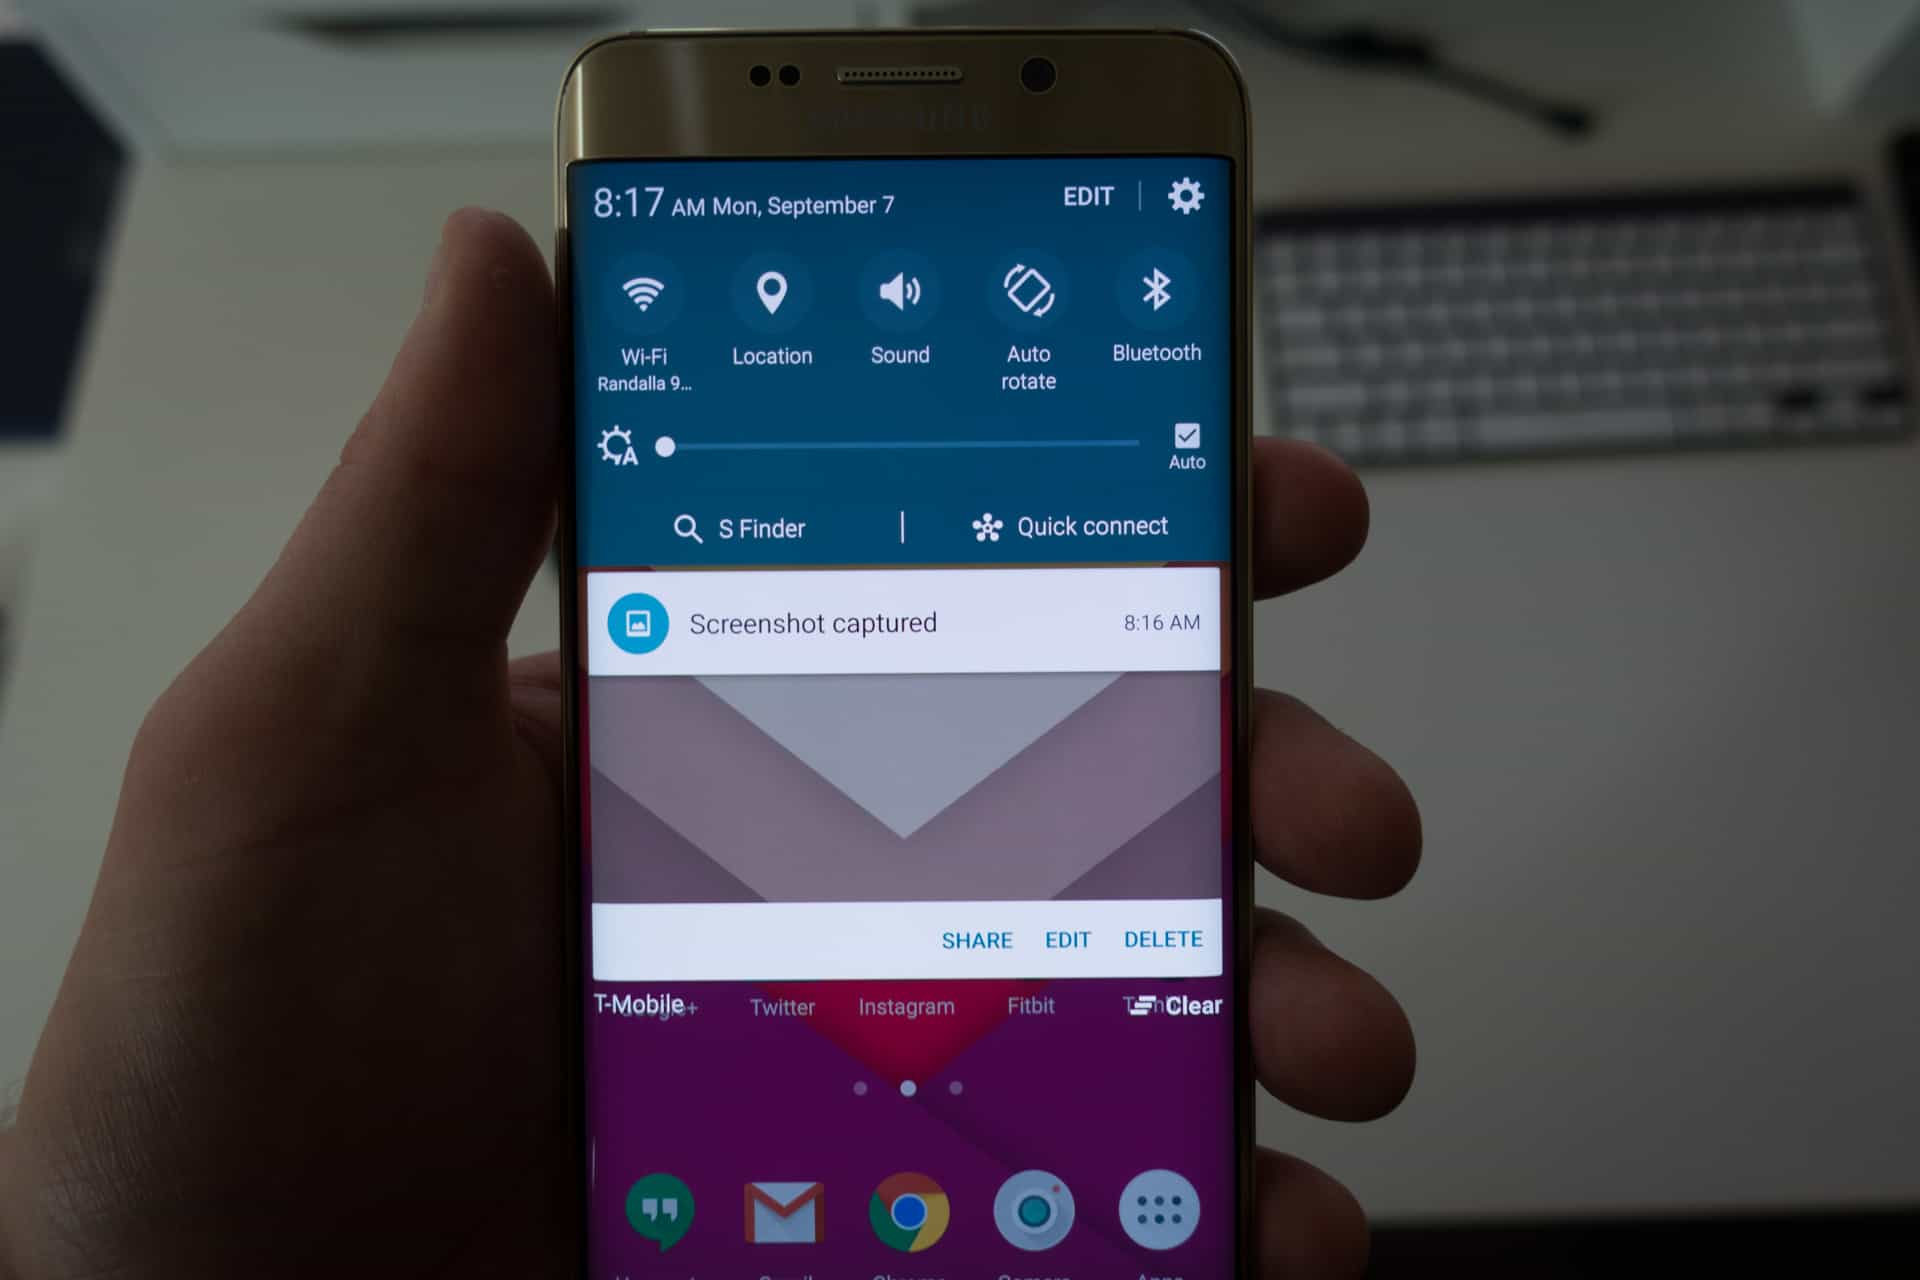 Samsung-Galaxy-S6-Edge-Plus-Screenshot-AH-1